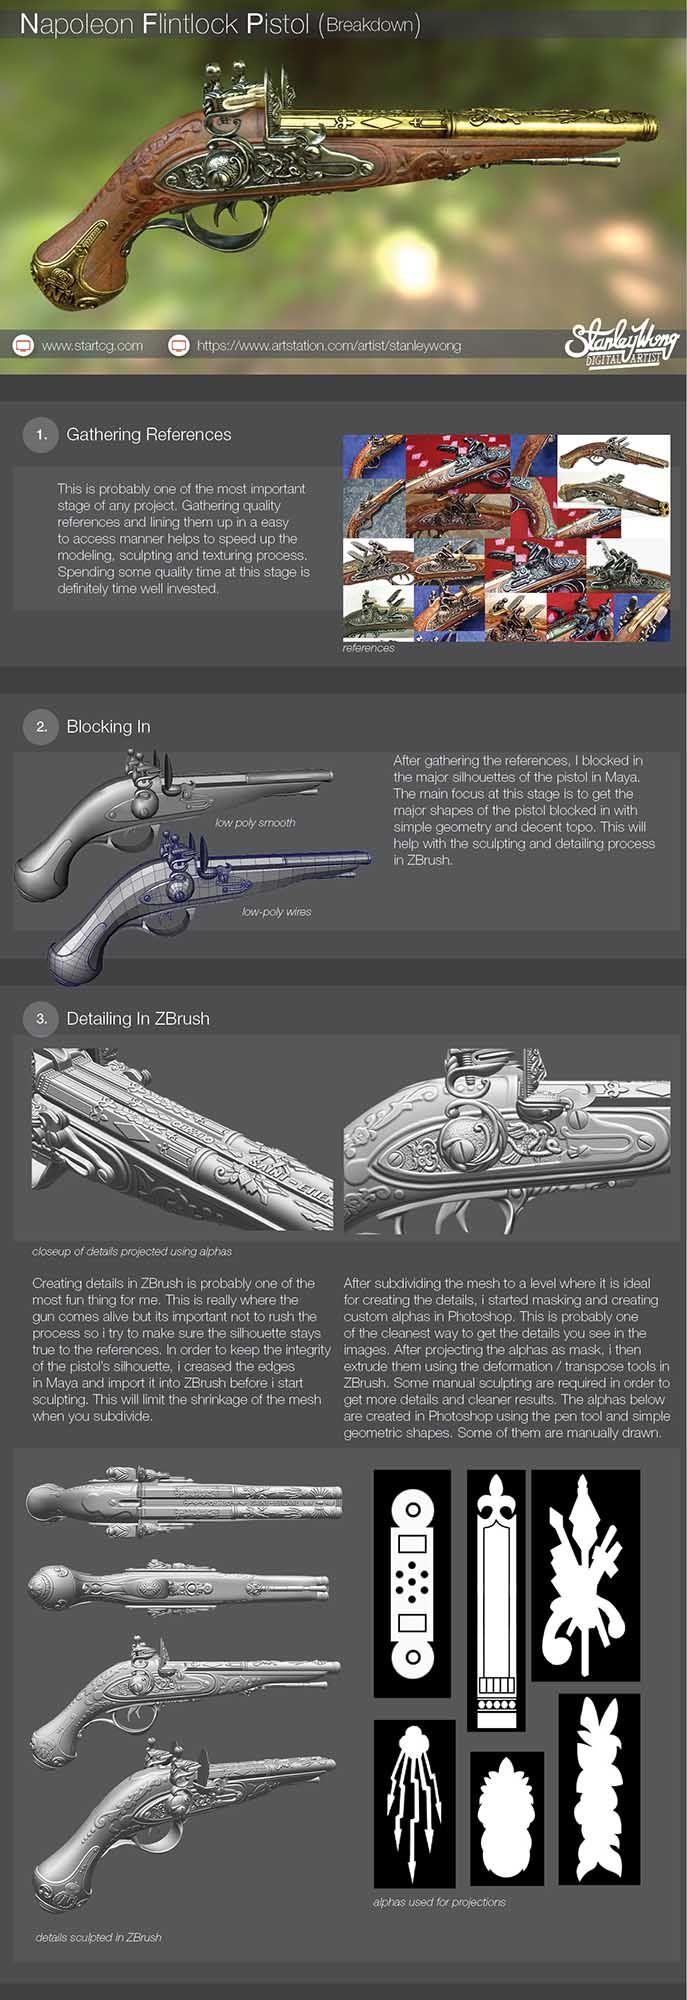 Napoleon Flintlock Pistol  **** >>>> ****  follow my boards !! https://www.pinterest.com/jimmysancr/  ****<<<<<****